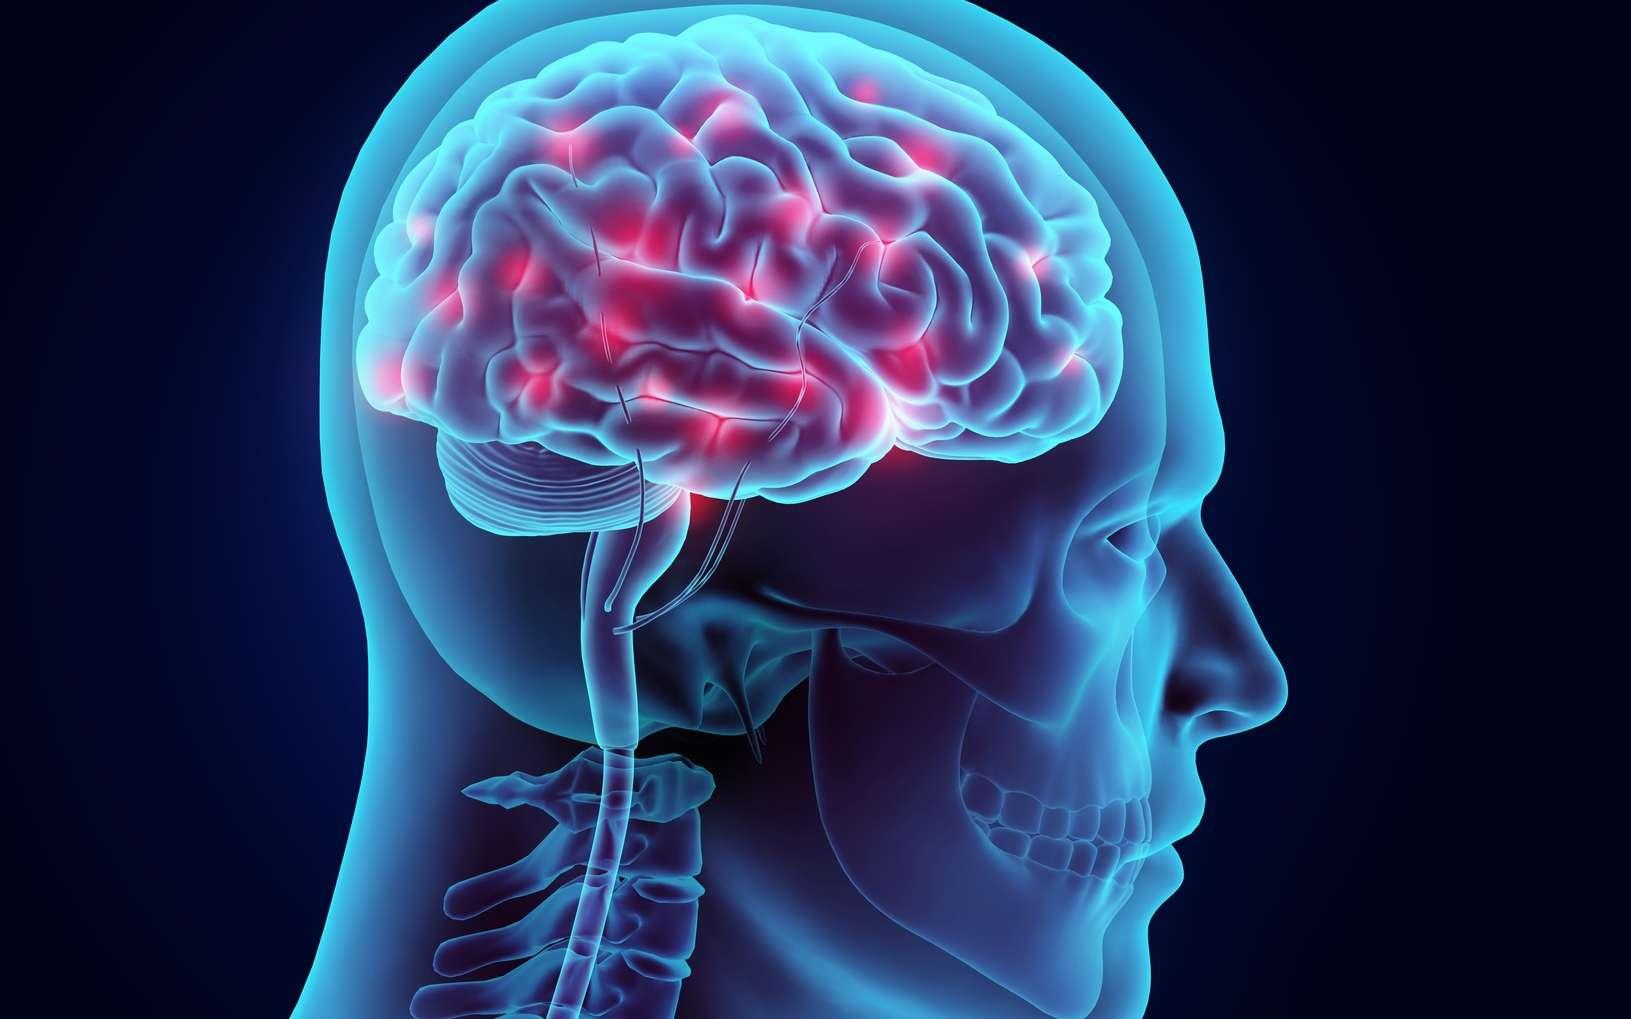 L'objectif de ces travaux est de remplacer les neurones à dopamine manquant en reprogrammant d'autres cellules cérébrales. © yodiyim, Fotolia